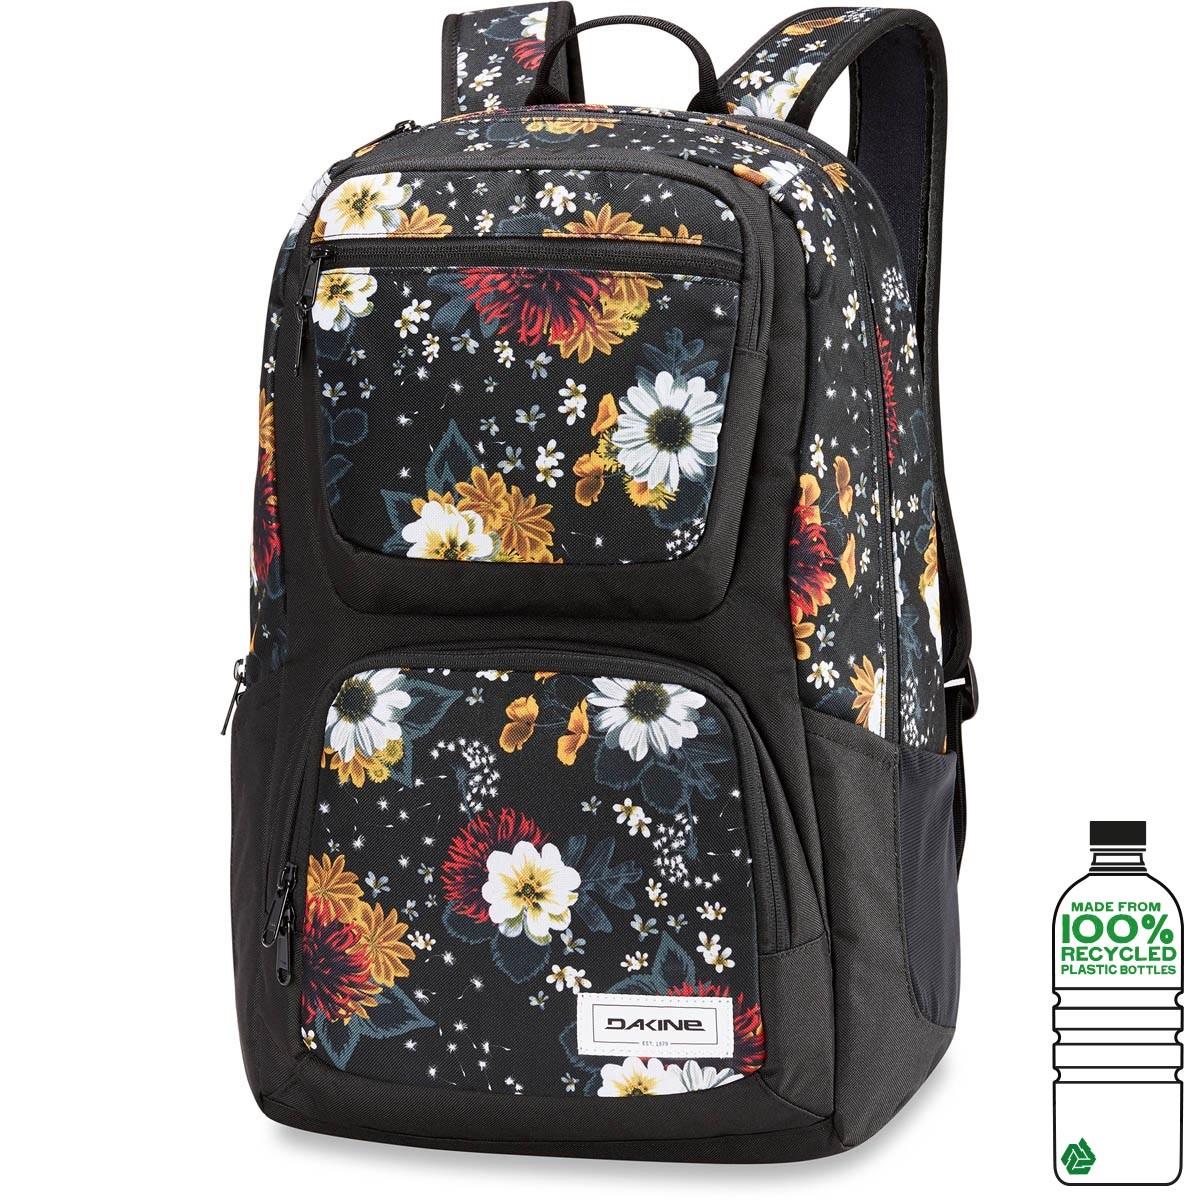 ae1d729b3815f Dakine Jewel 26L Backpack Winter Daisy